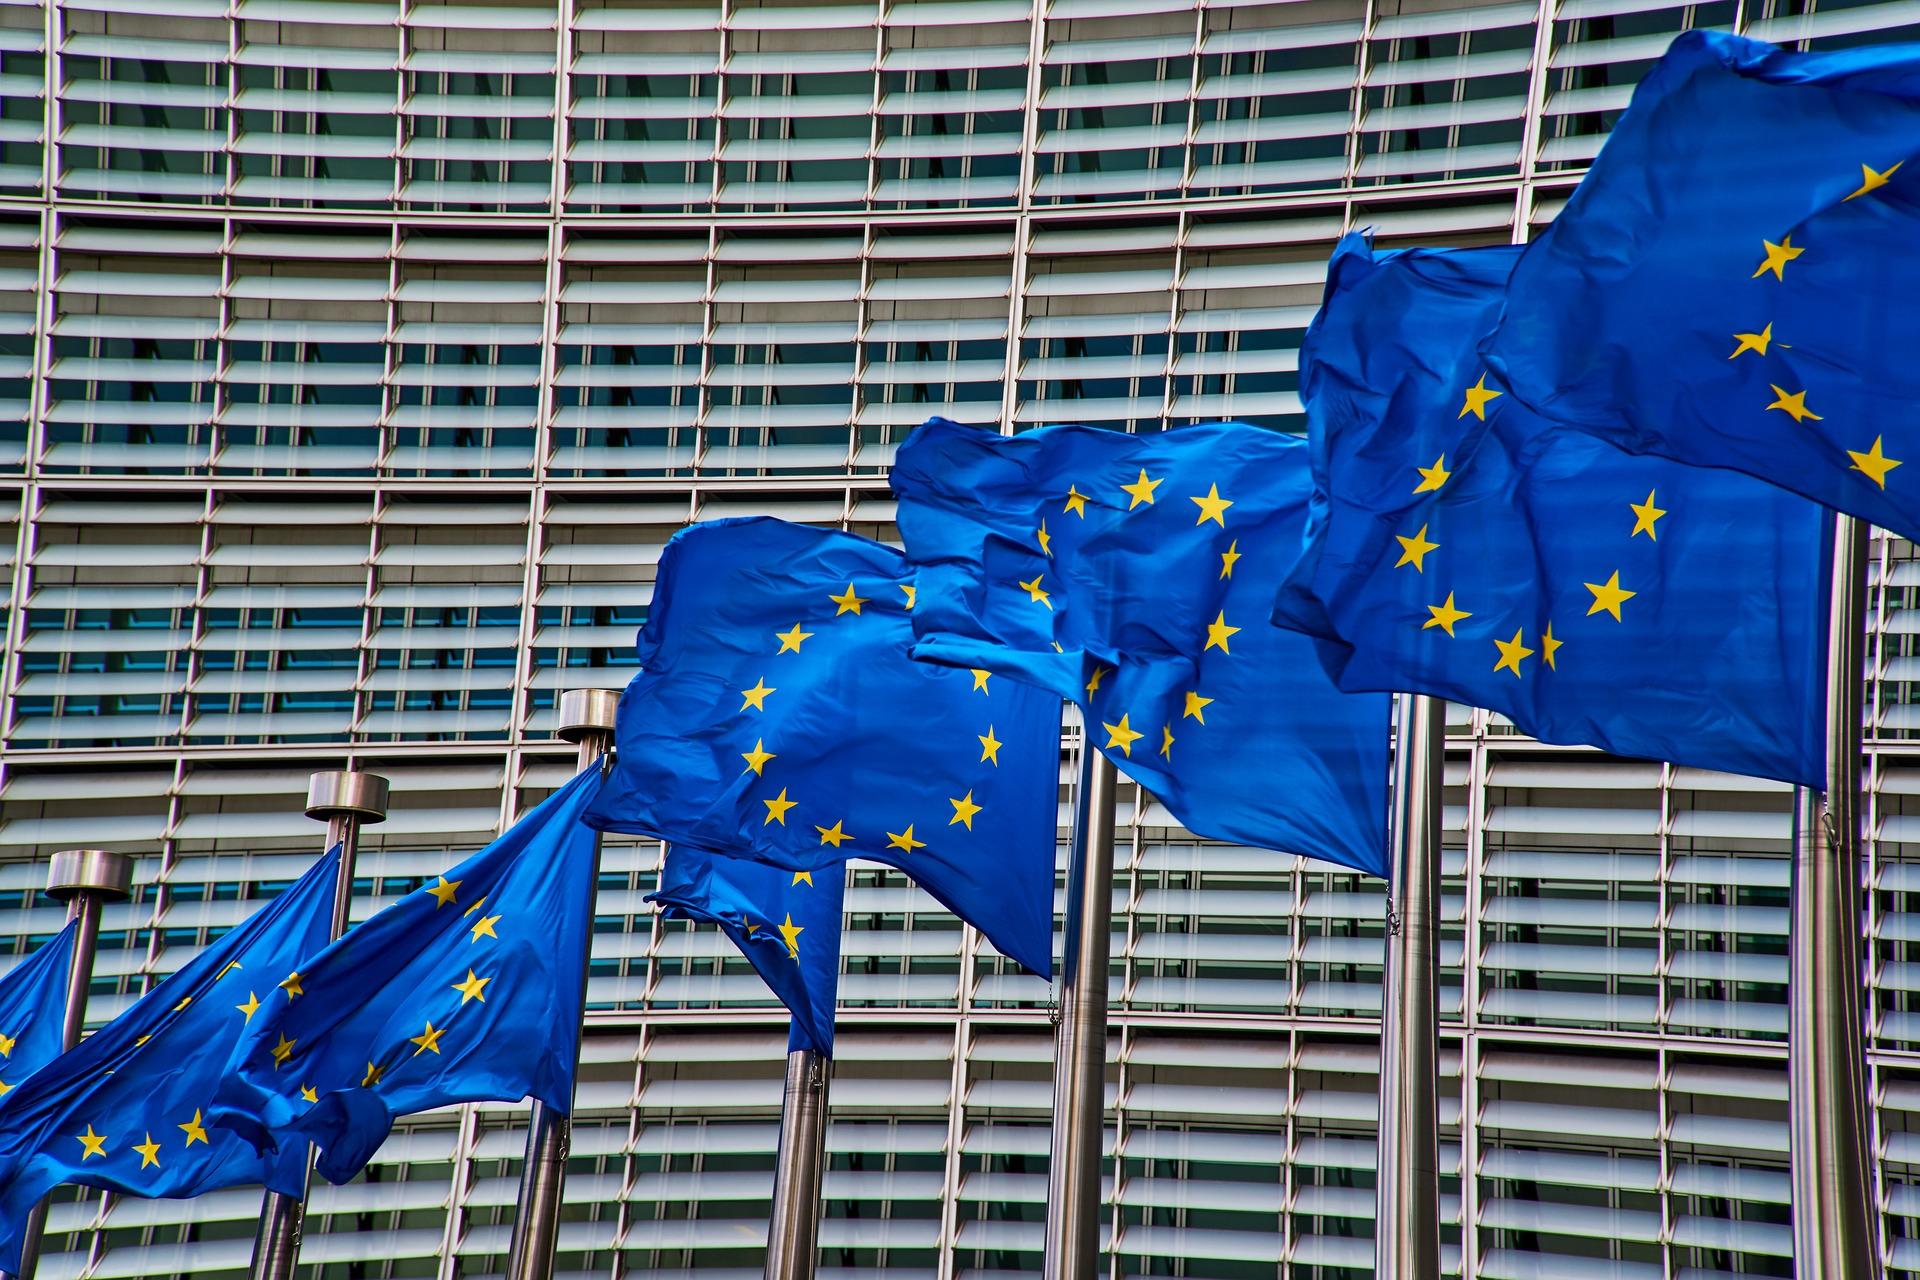 Europa wil 35 miljoen gebouwen groener maken